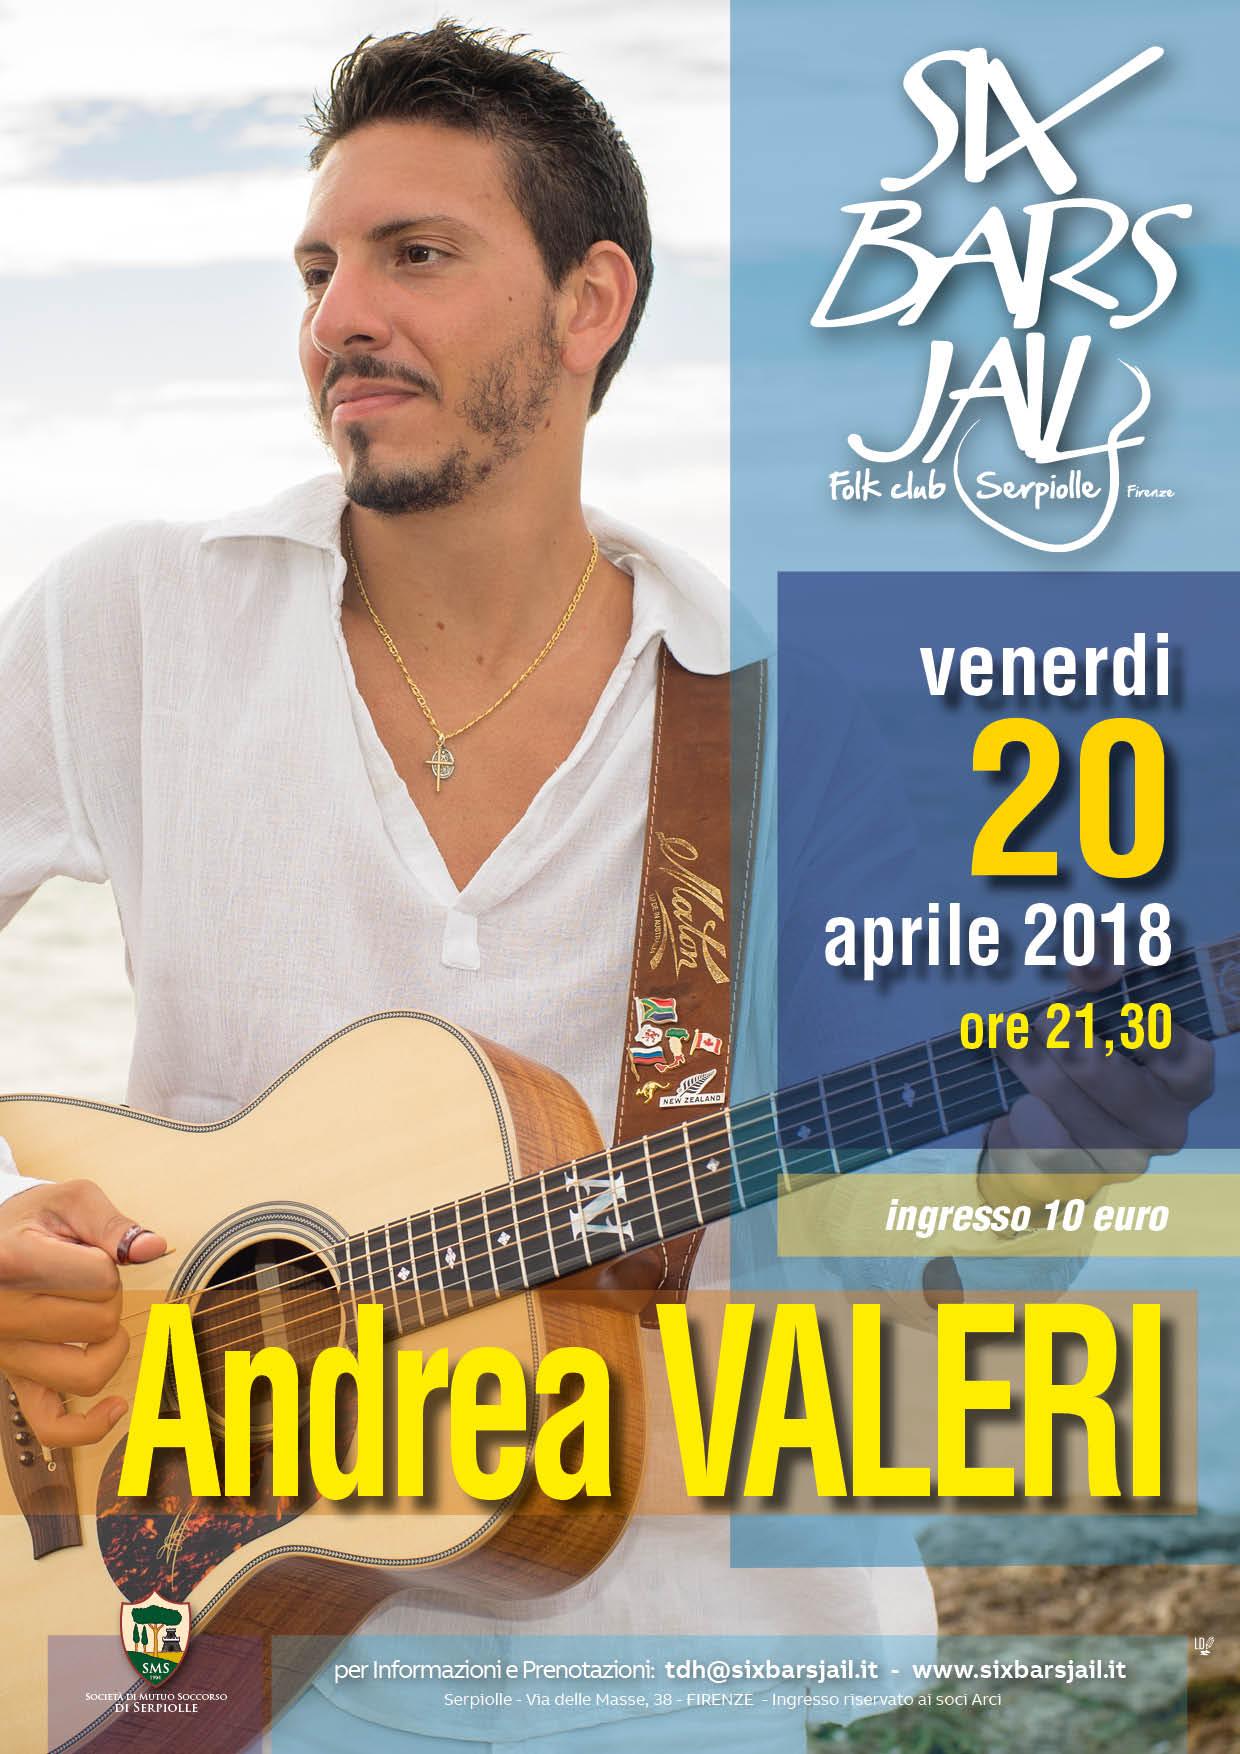 Andrea VALERI in concerto al SIX BARS JAIL di Firenze 20.4.18